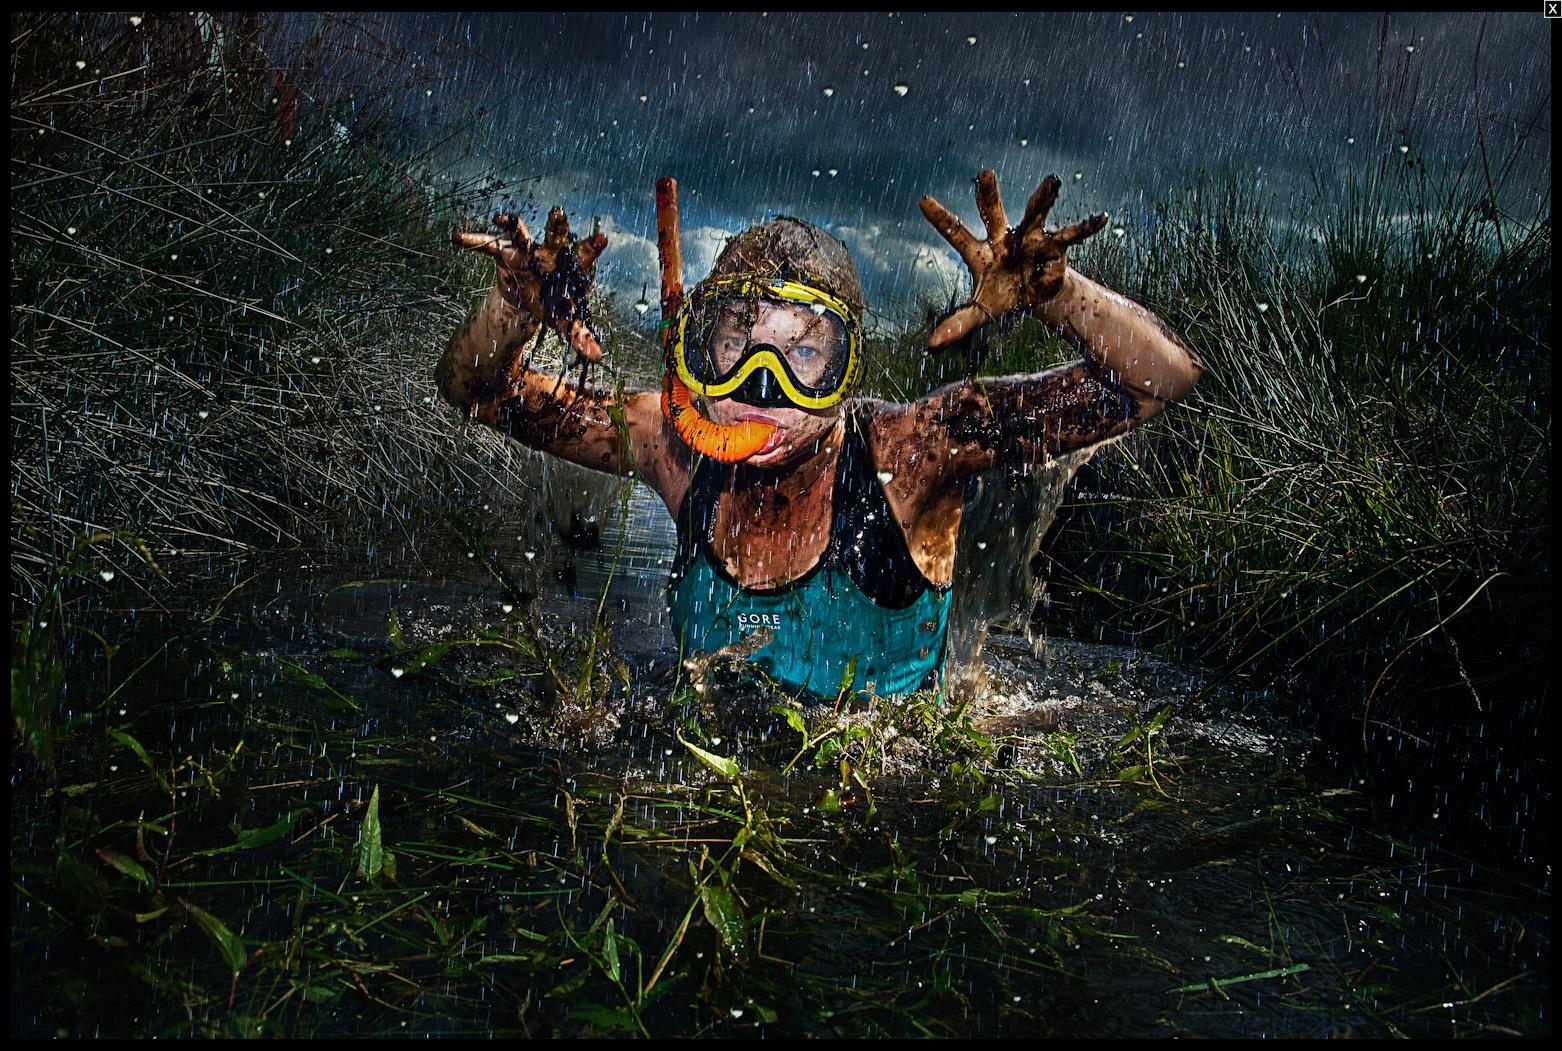 Natalie Bent - Bog Snorkeler